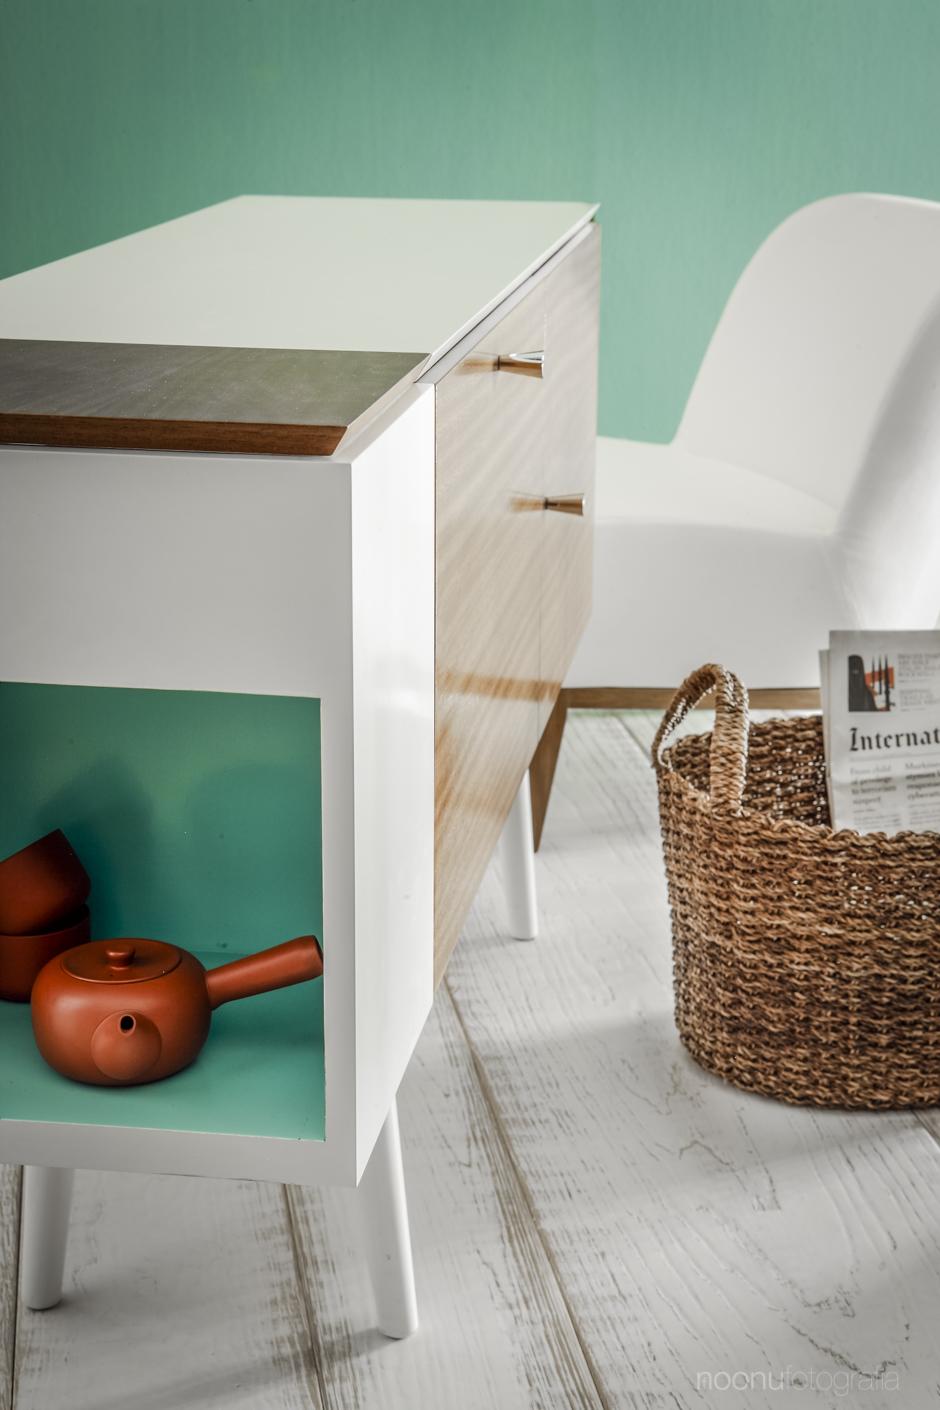 Noonu-fotografo-de-espacios-interiores-madrid-nordico 5